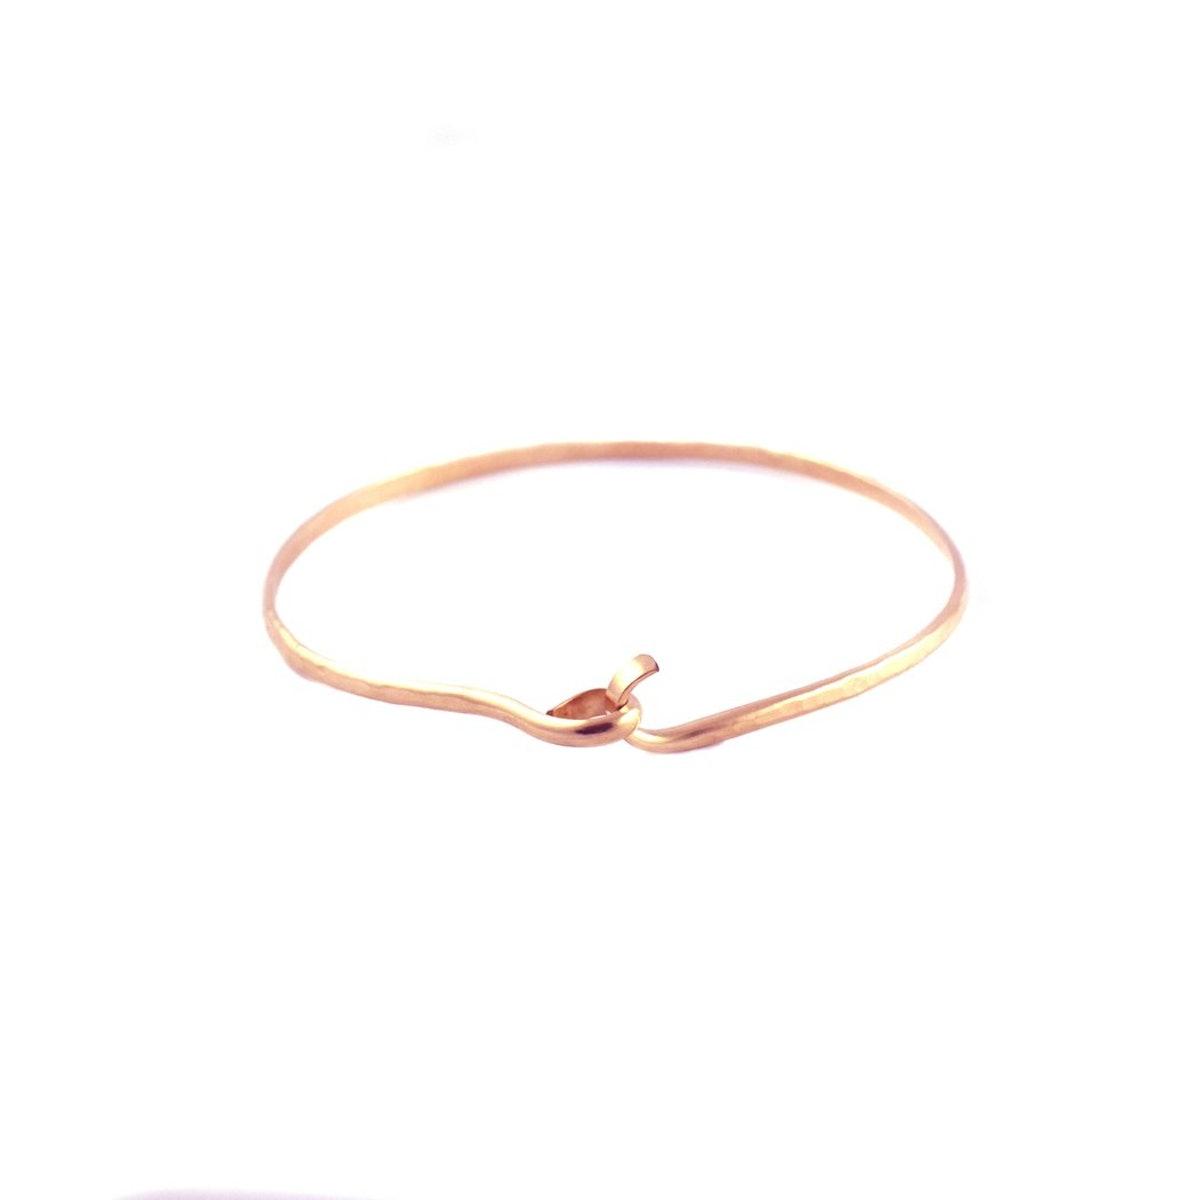 Mallory Shelter Jewelry 14k Rose Goldfill Hook & Eye Bangle